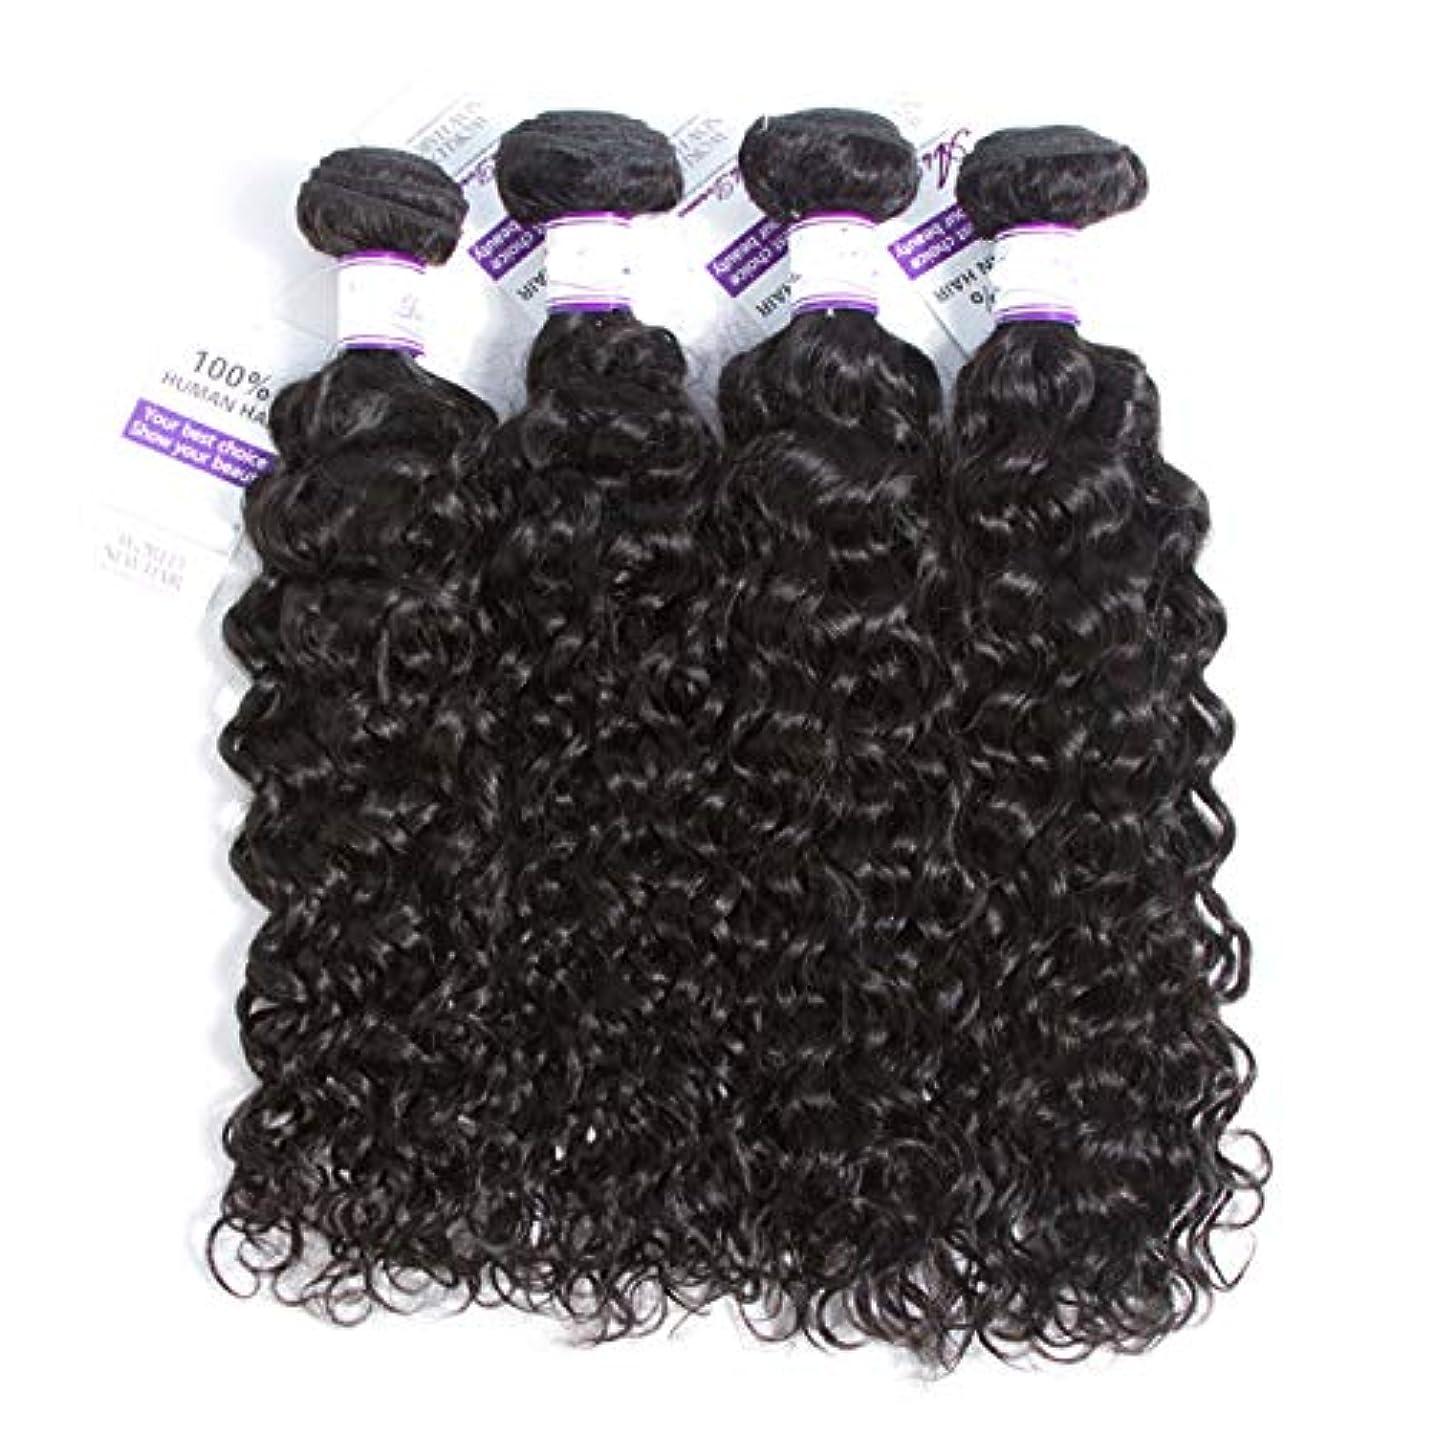 皮肉な素晴らしさ暴力的なマレーシアの水の波髪4個人間の髪の毛の束非レミーの毛延長ナチュラルブラック (Length : 26 26 28 28)